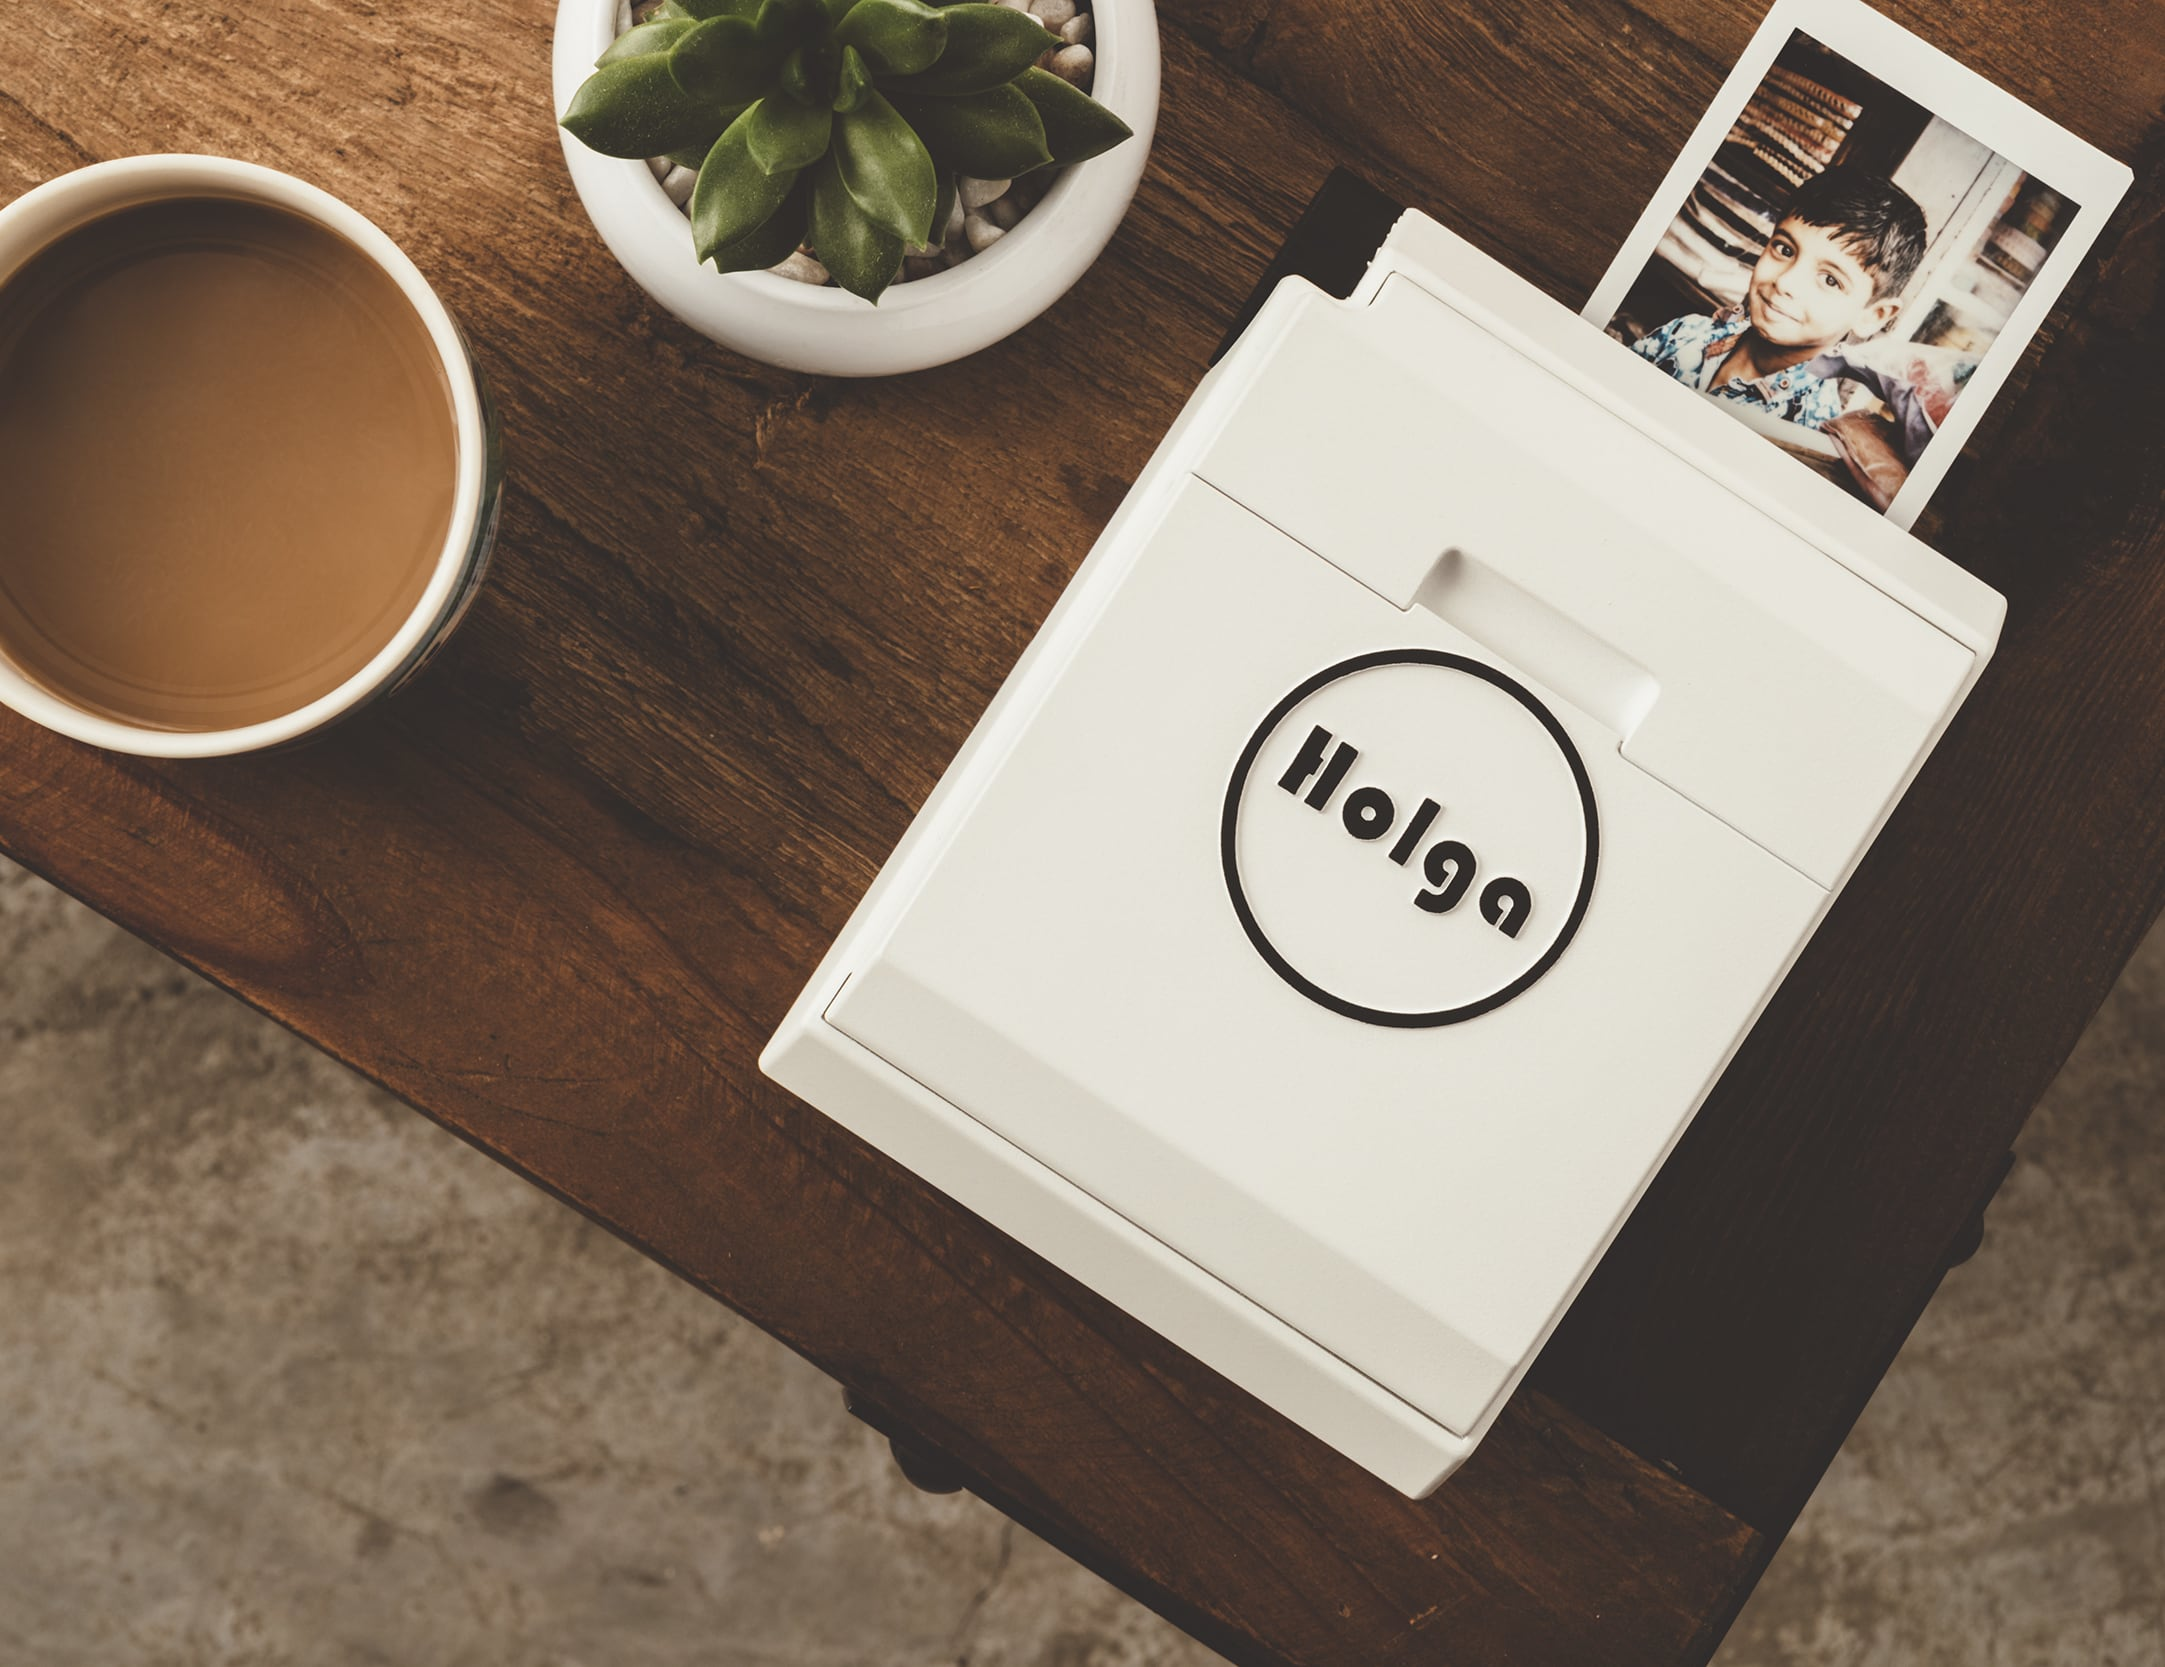 Holga Manual Mobile Printer